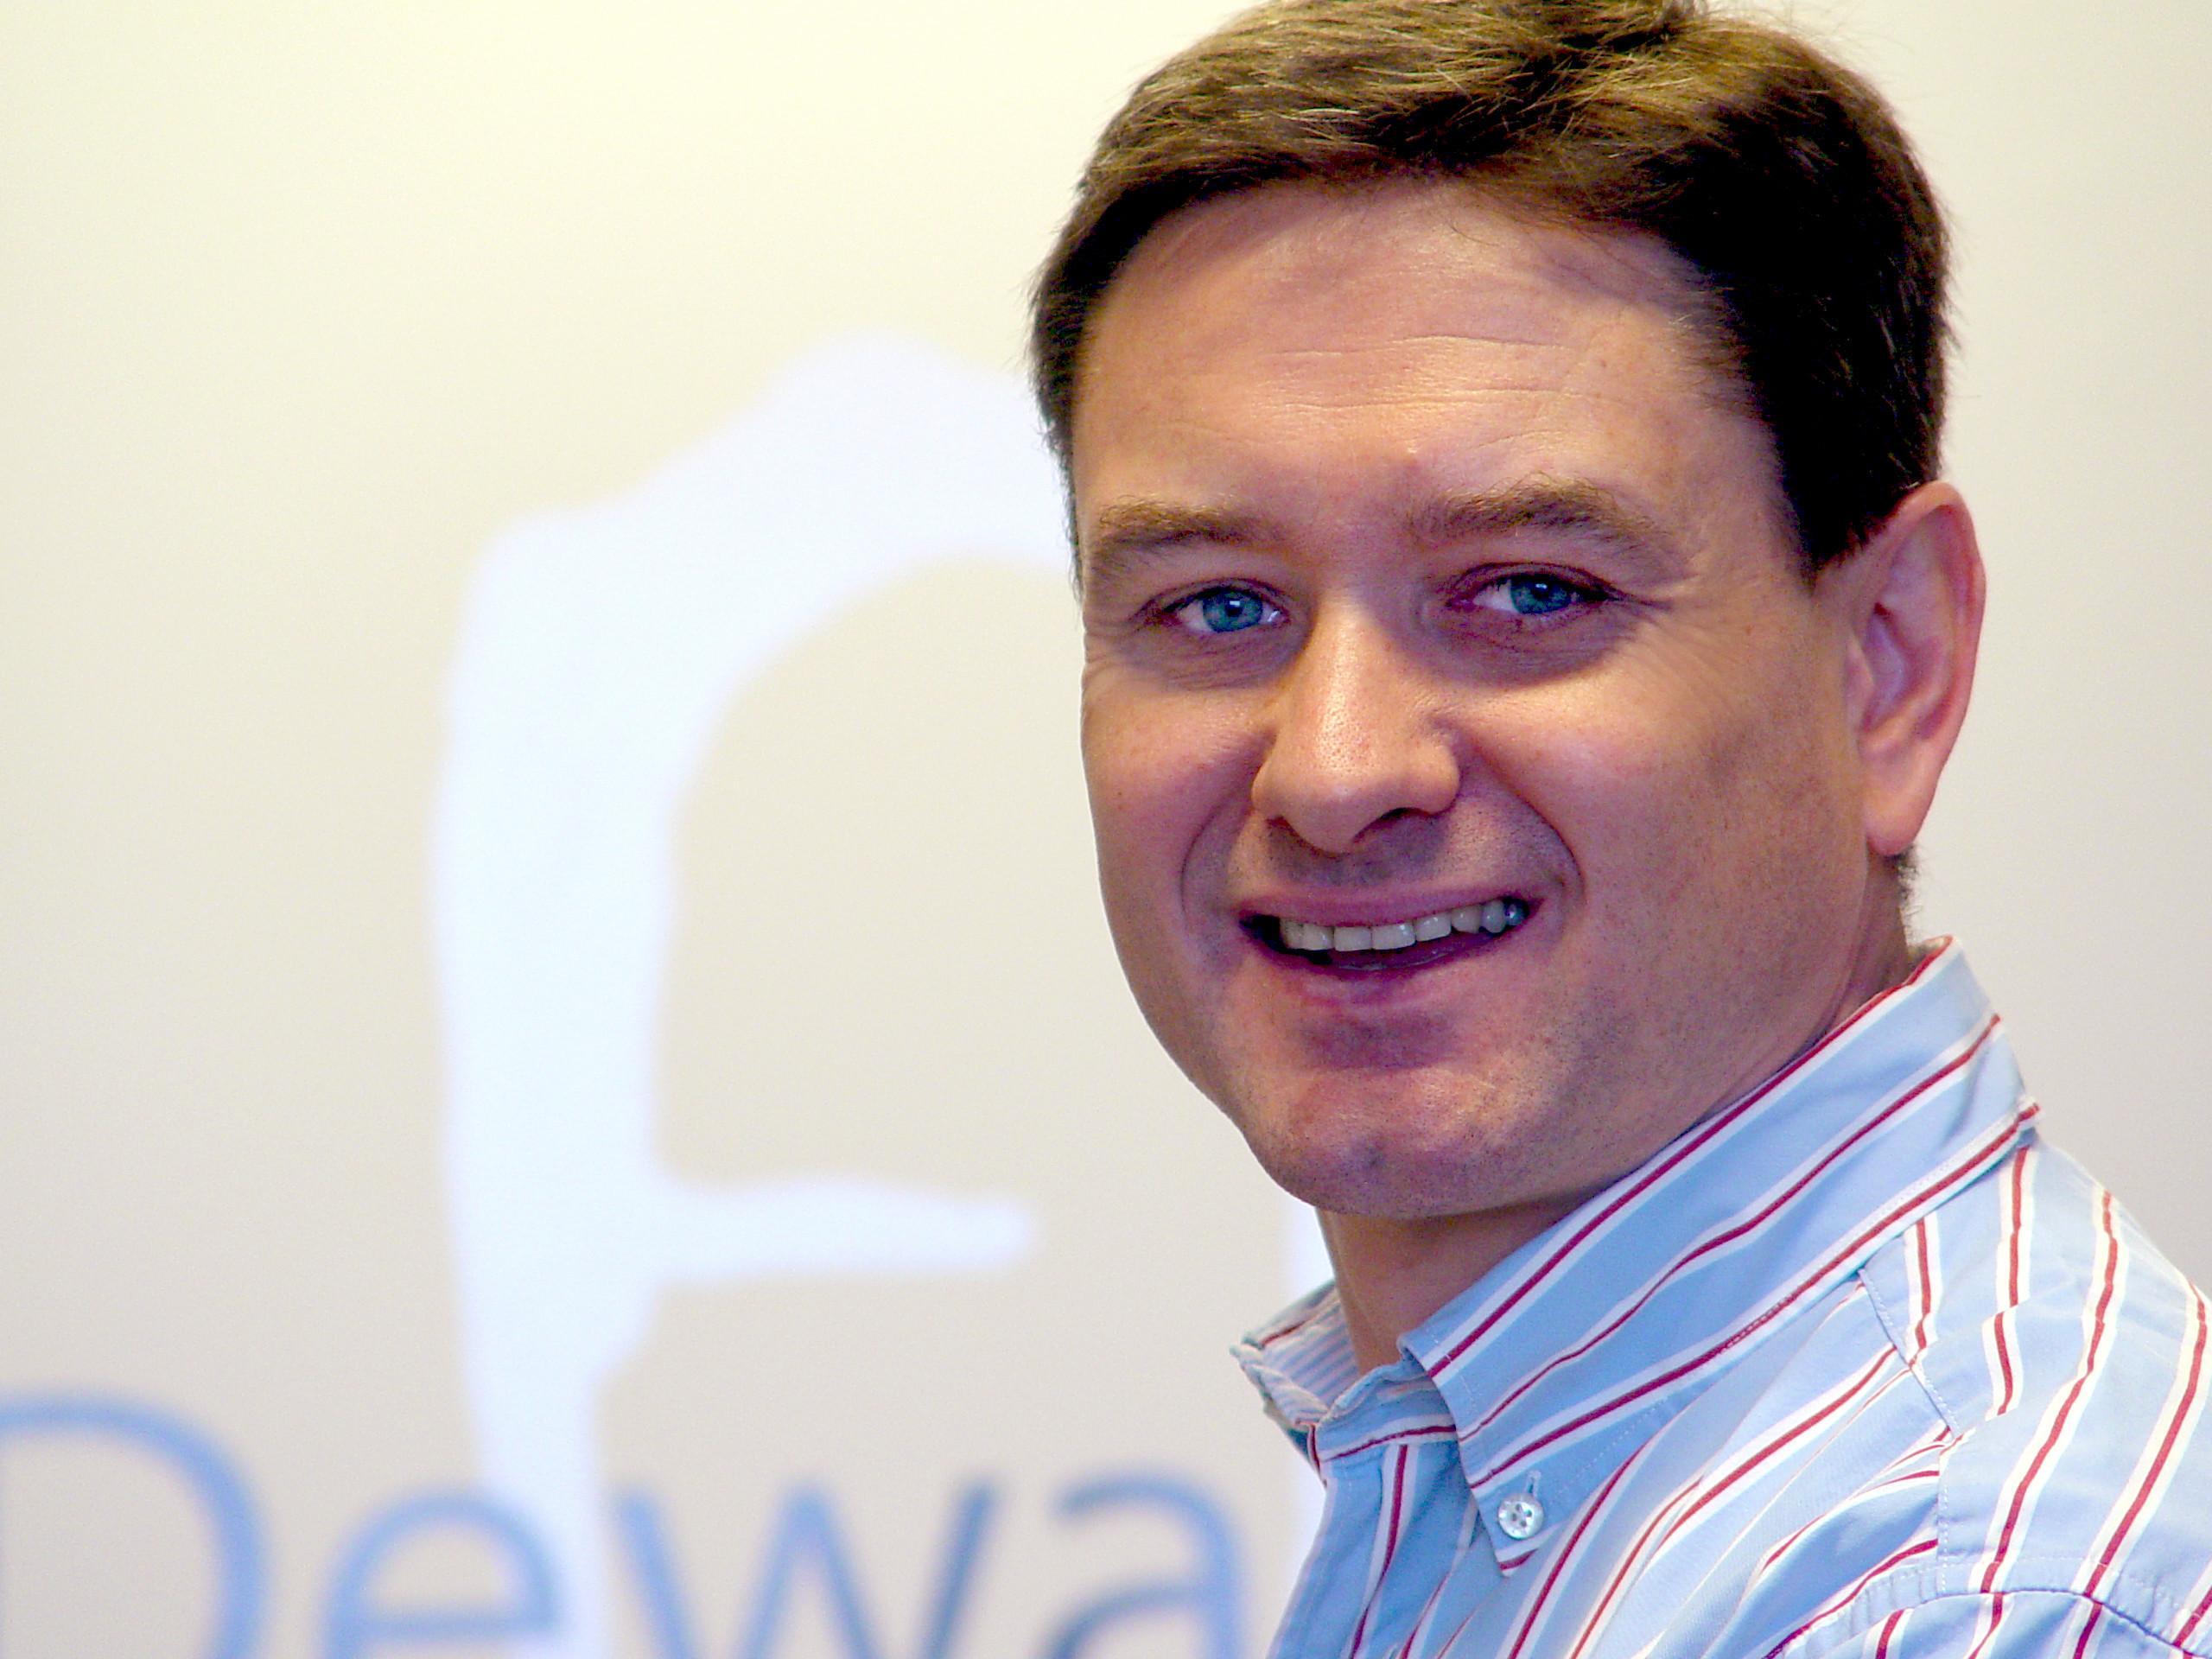 Pieter Dewaele